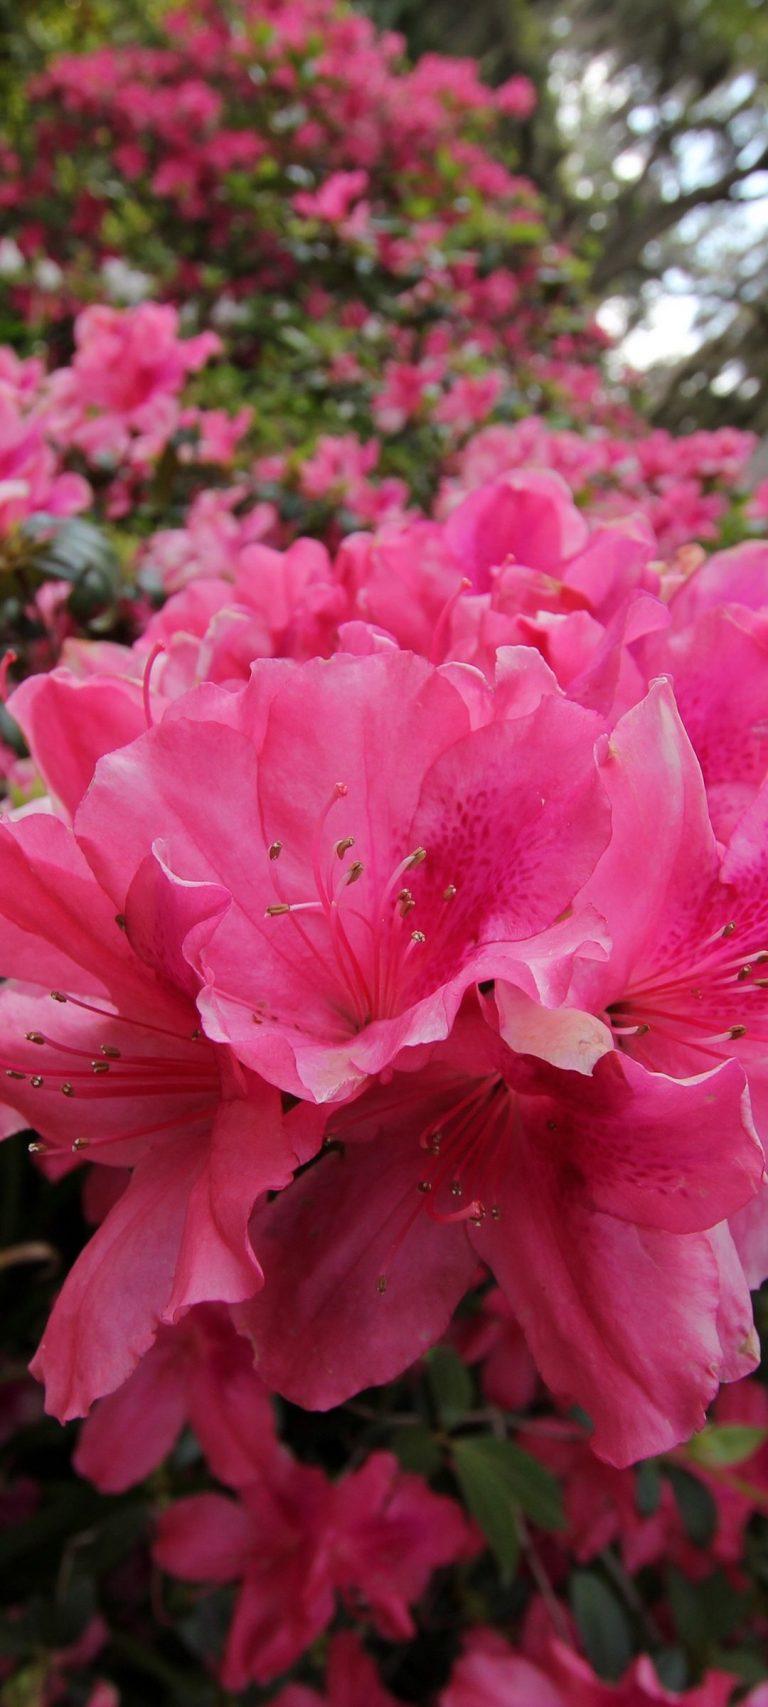 Tenderness Flowers Pink Grass Green Meadow 1080x2400 768x1707